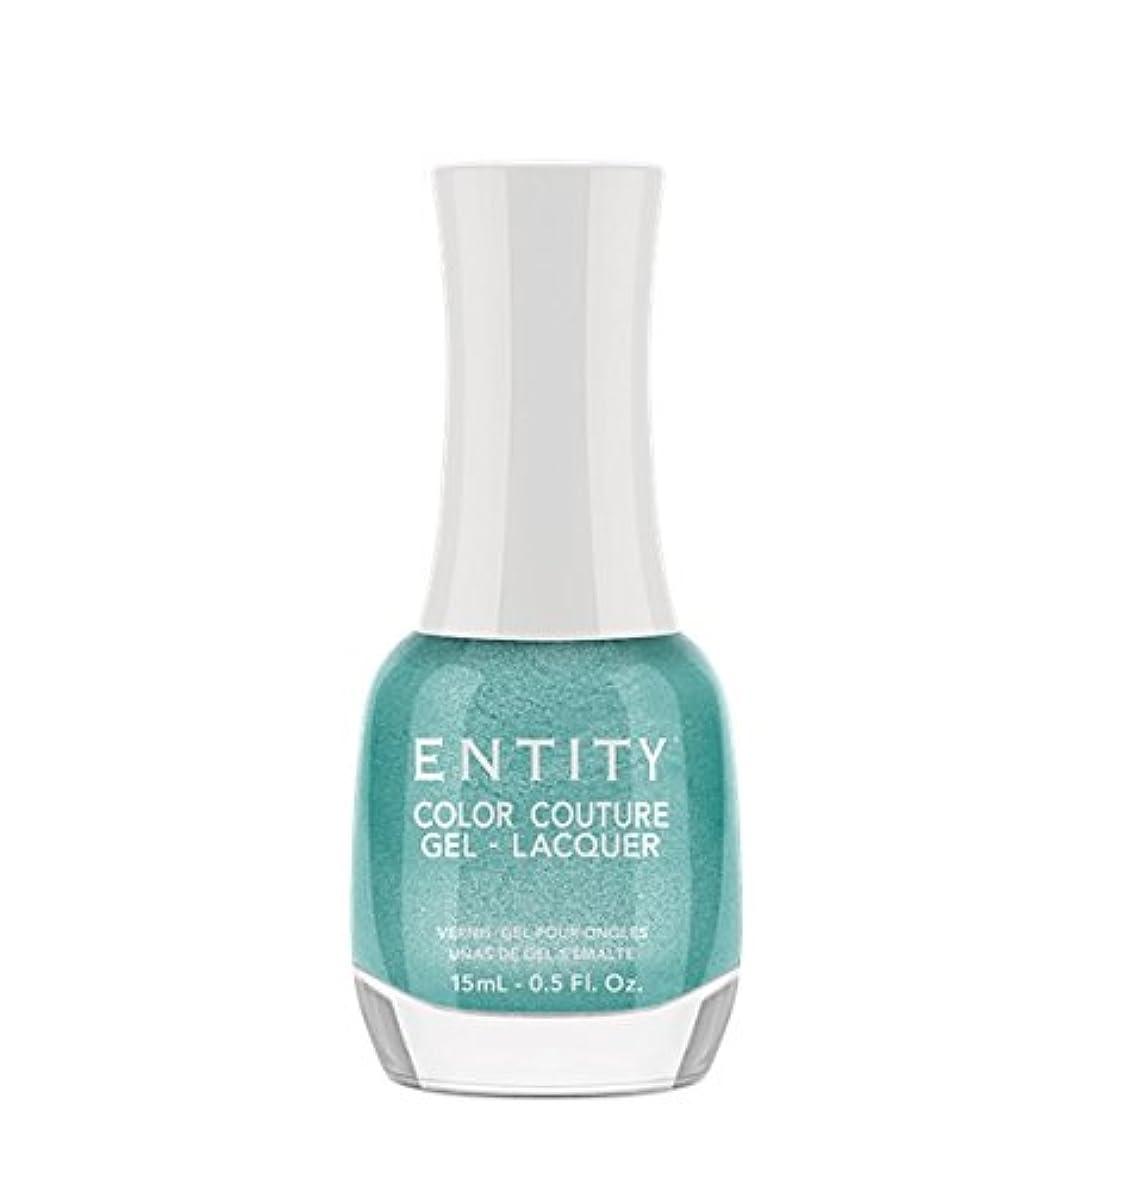 バタフライ探偵形式Entity Color Couture Gel-Lacquer - Jewel Tones - 15 ml/0.5 oz